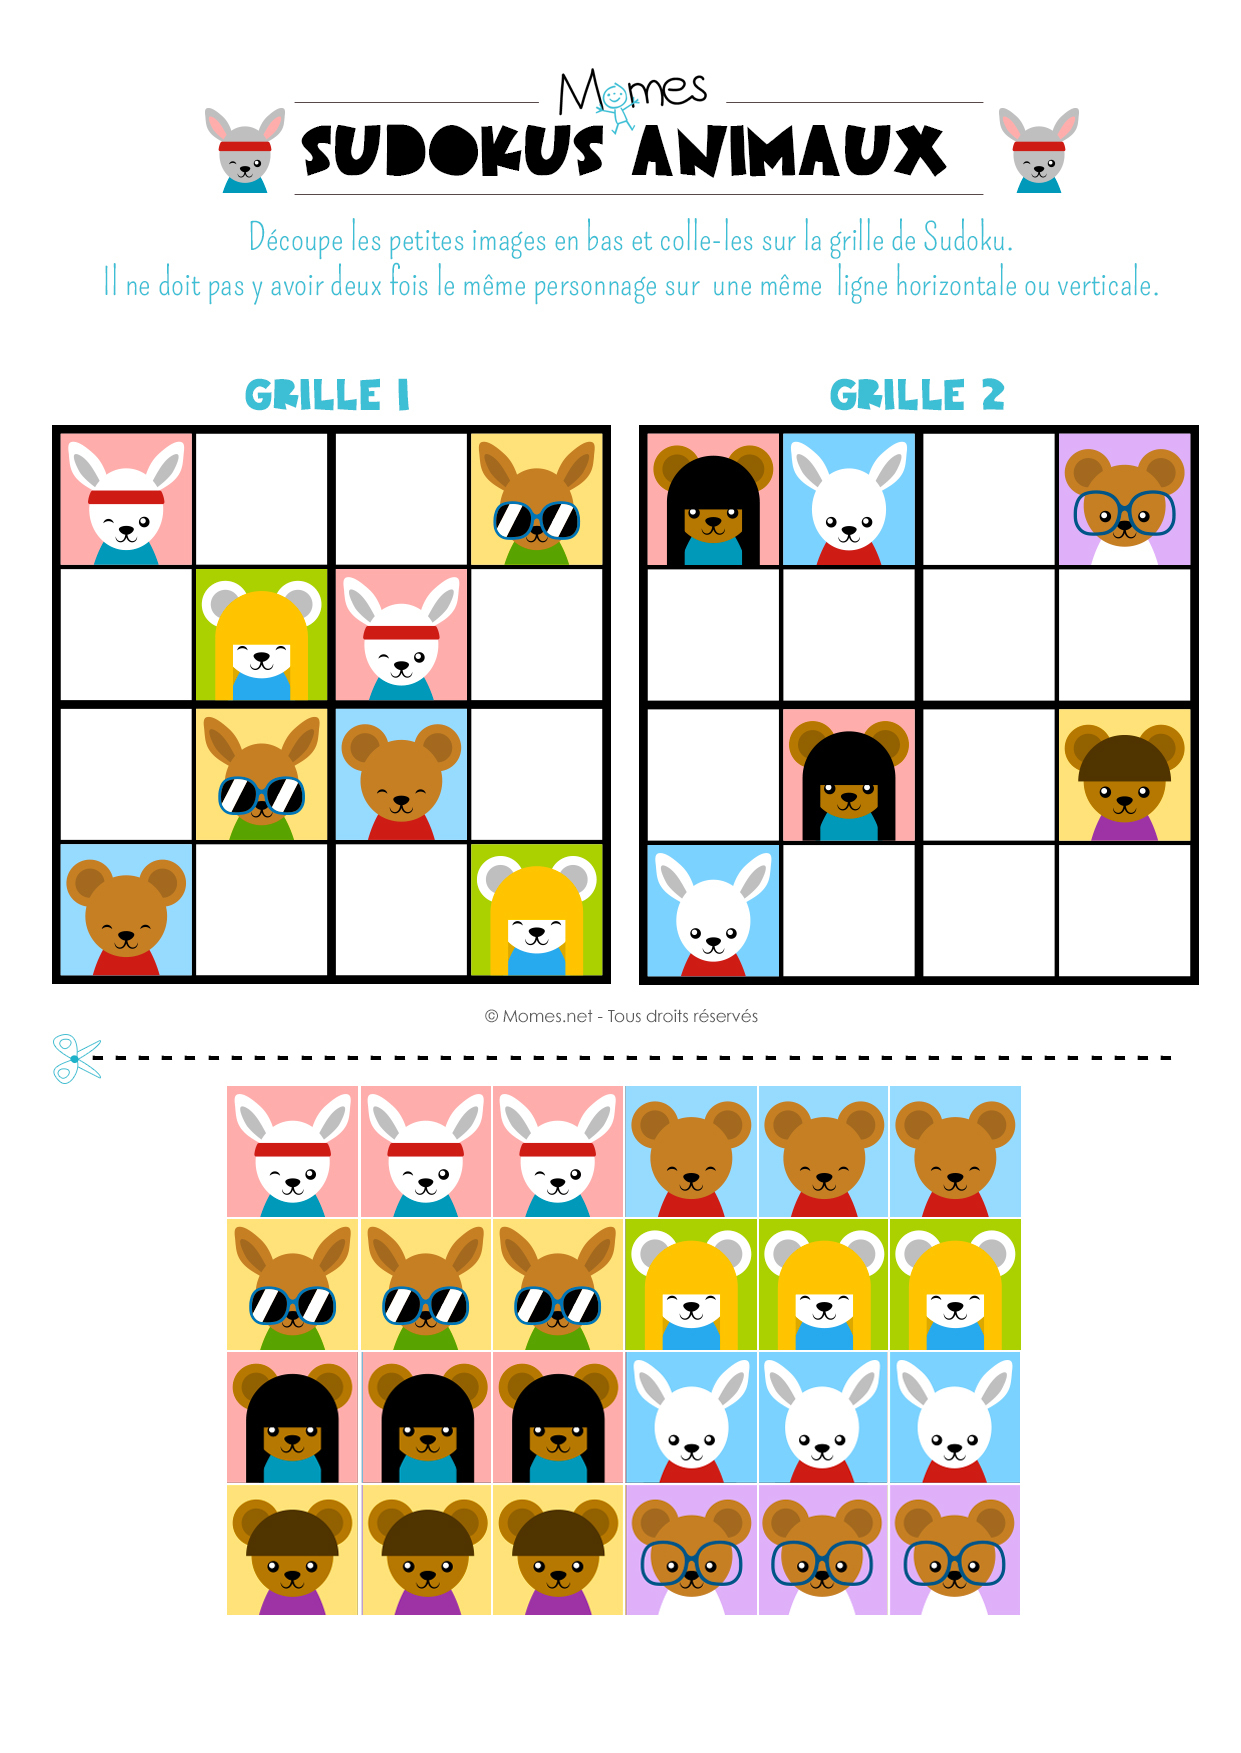 Sudoku Animaux - Momes pour Jeux Animaux Enfant